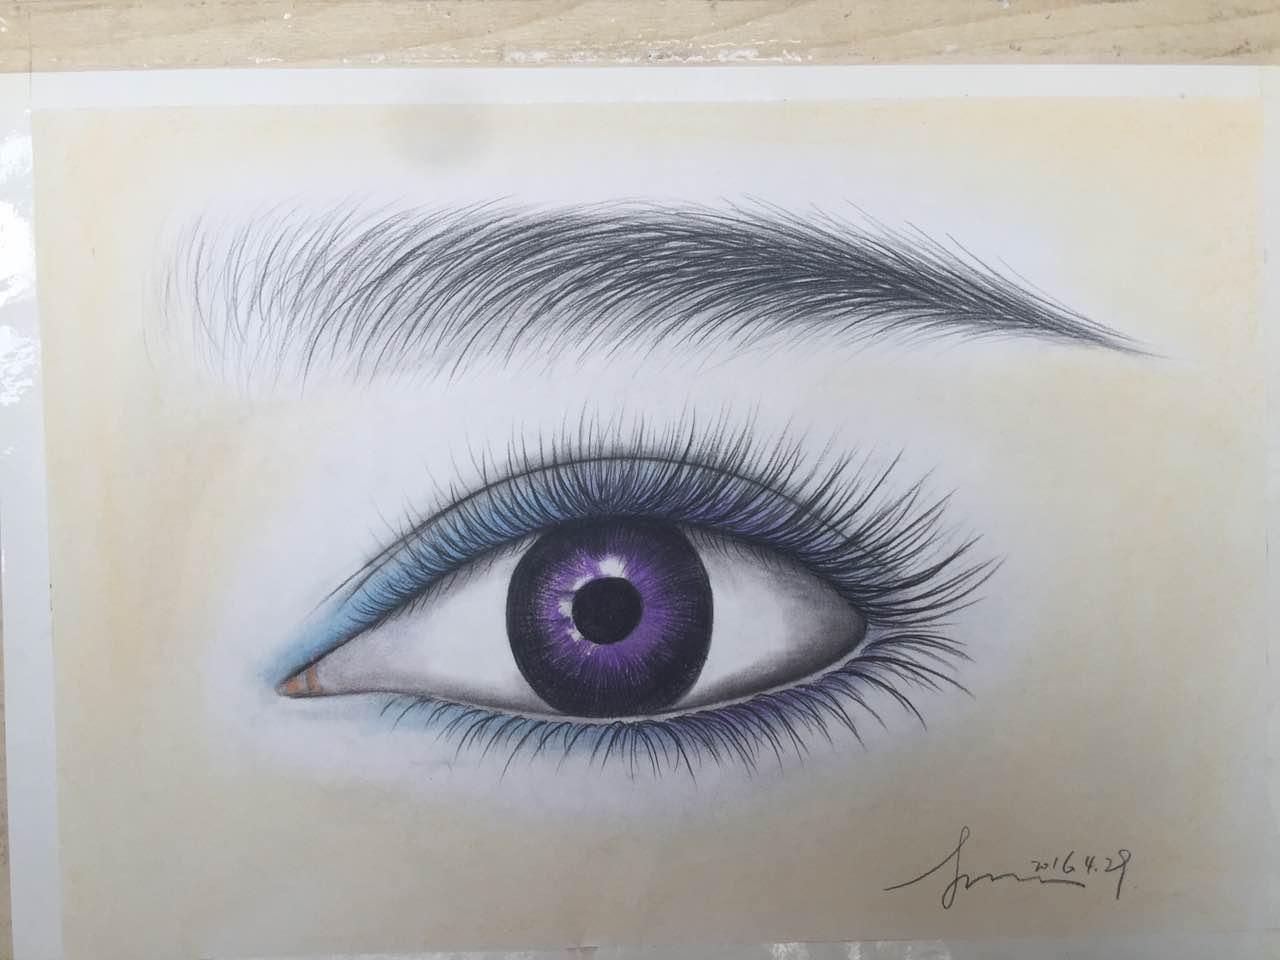 眉形的设计与对称性2.仿生线条的排列技巧3.各种纹绣眉毛的方式4.